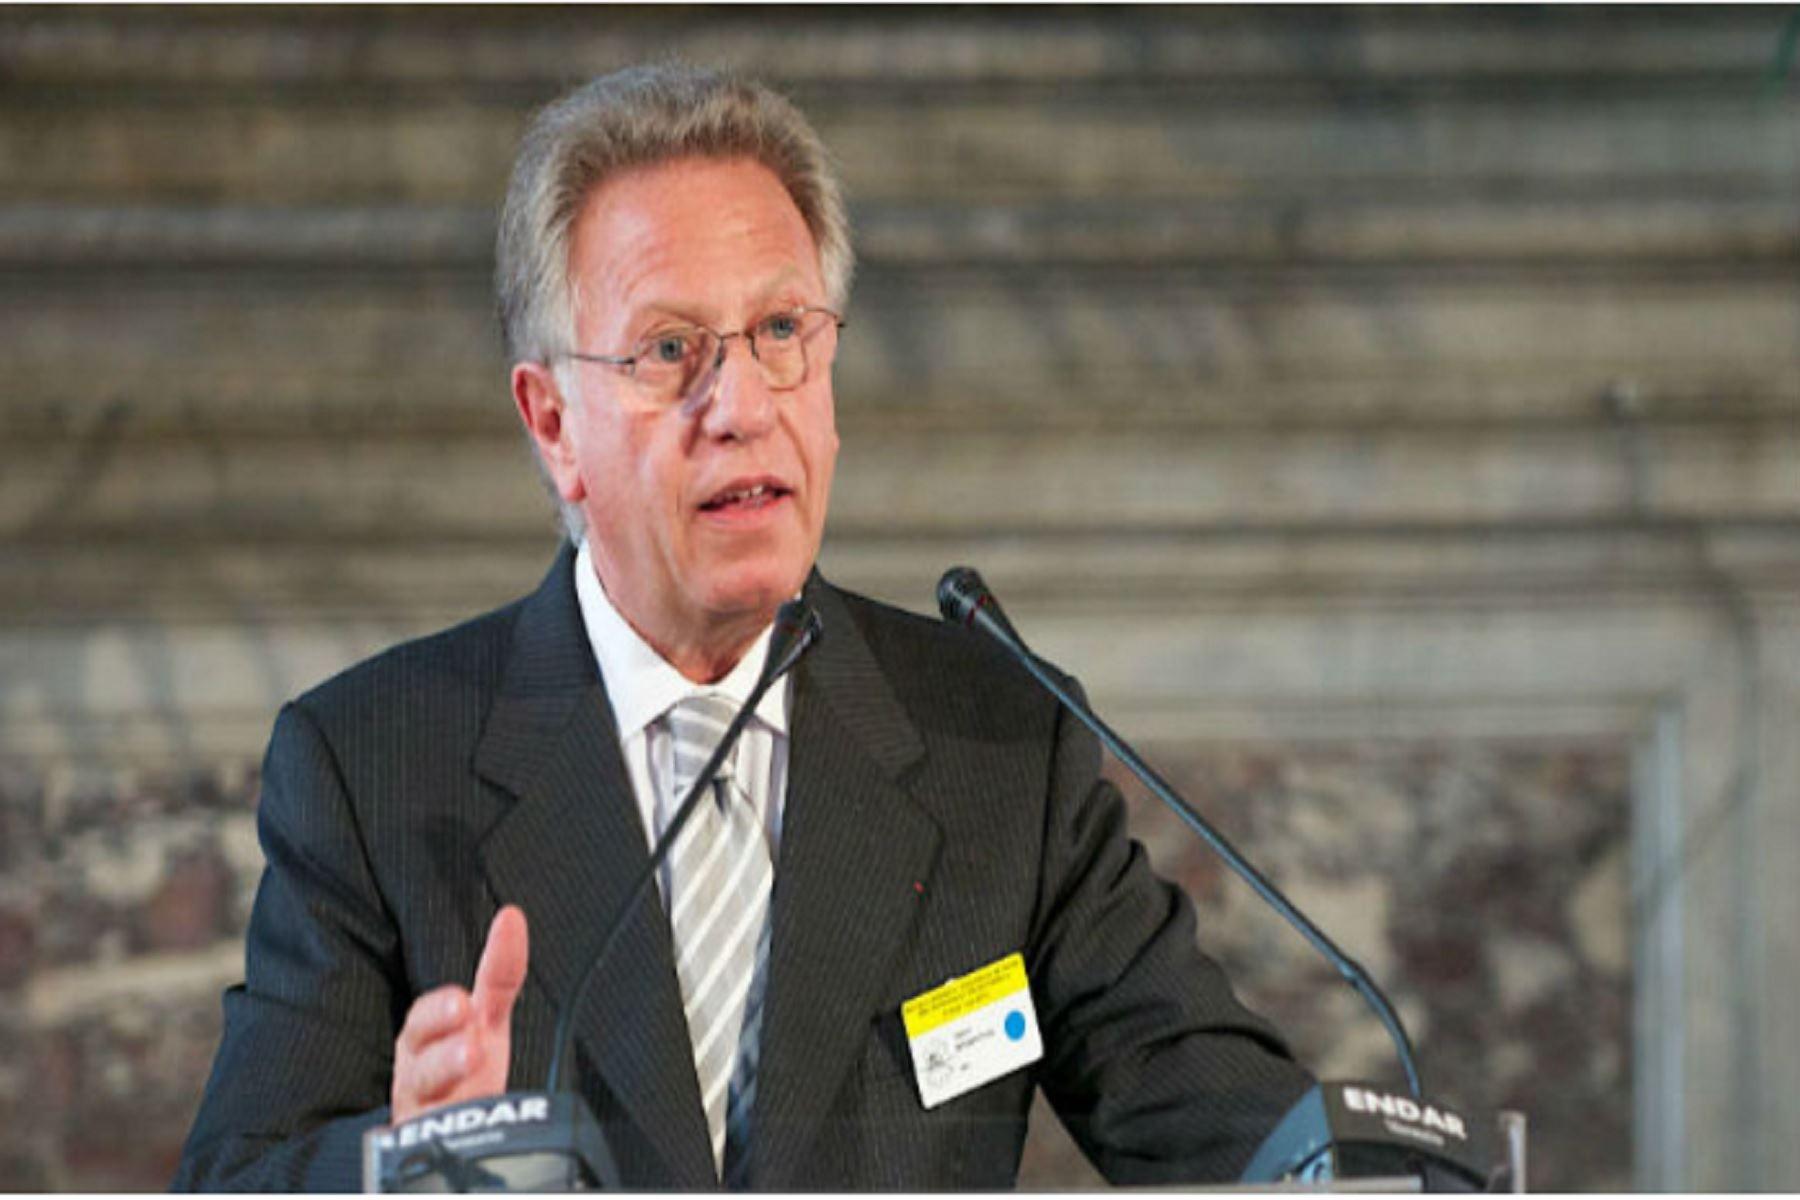 Presidente de la Comisión de Venecia, Gianni Buquicchio. Foto: Front News International